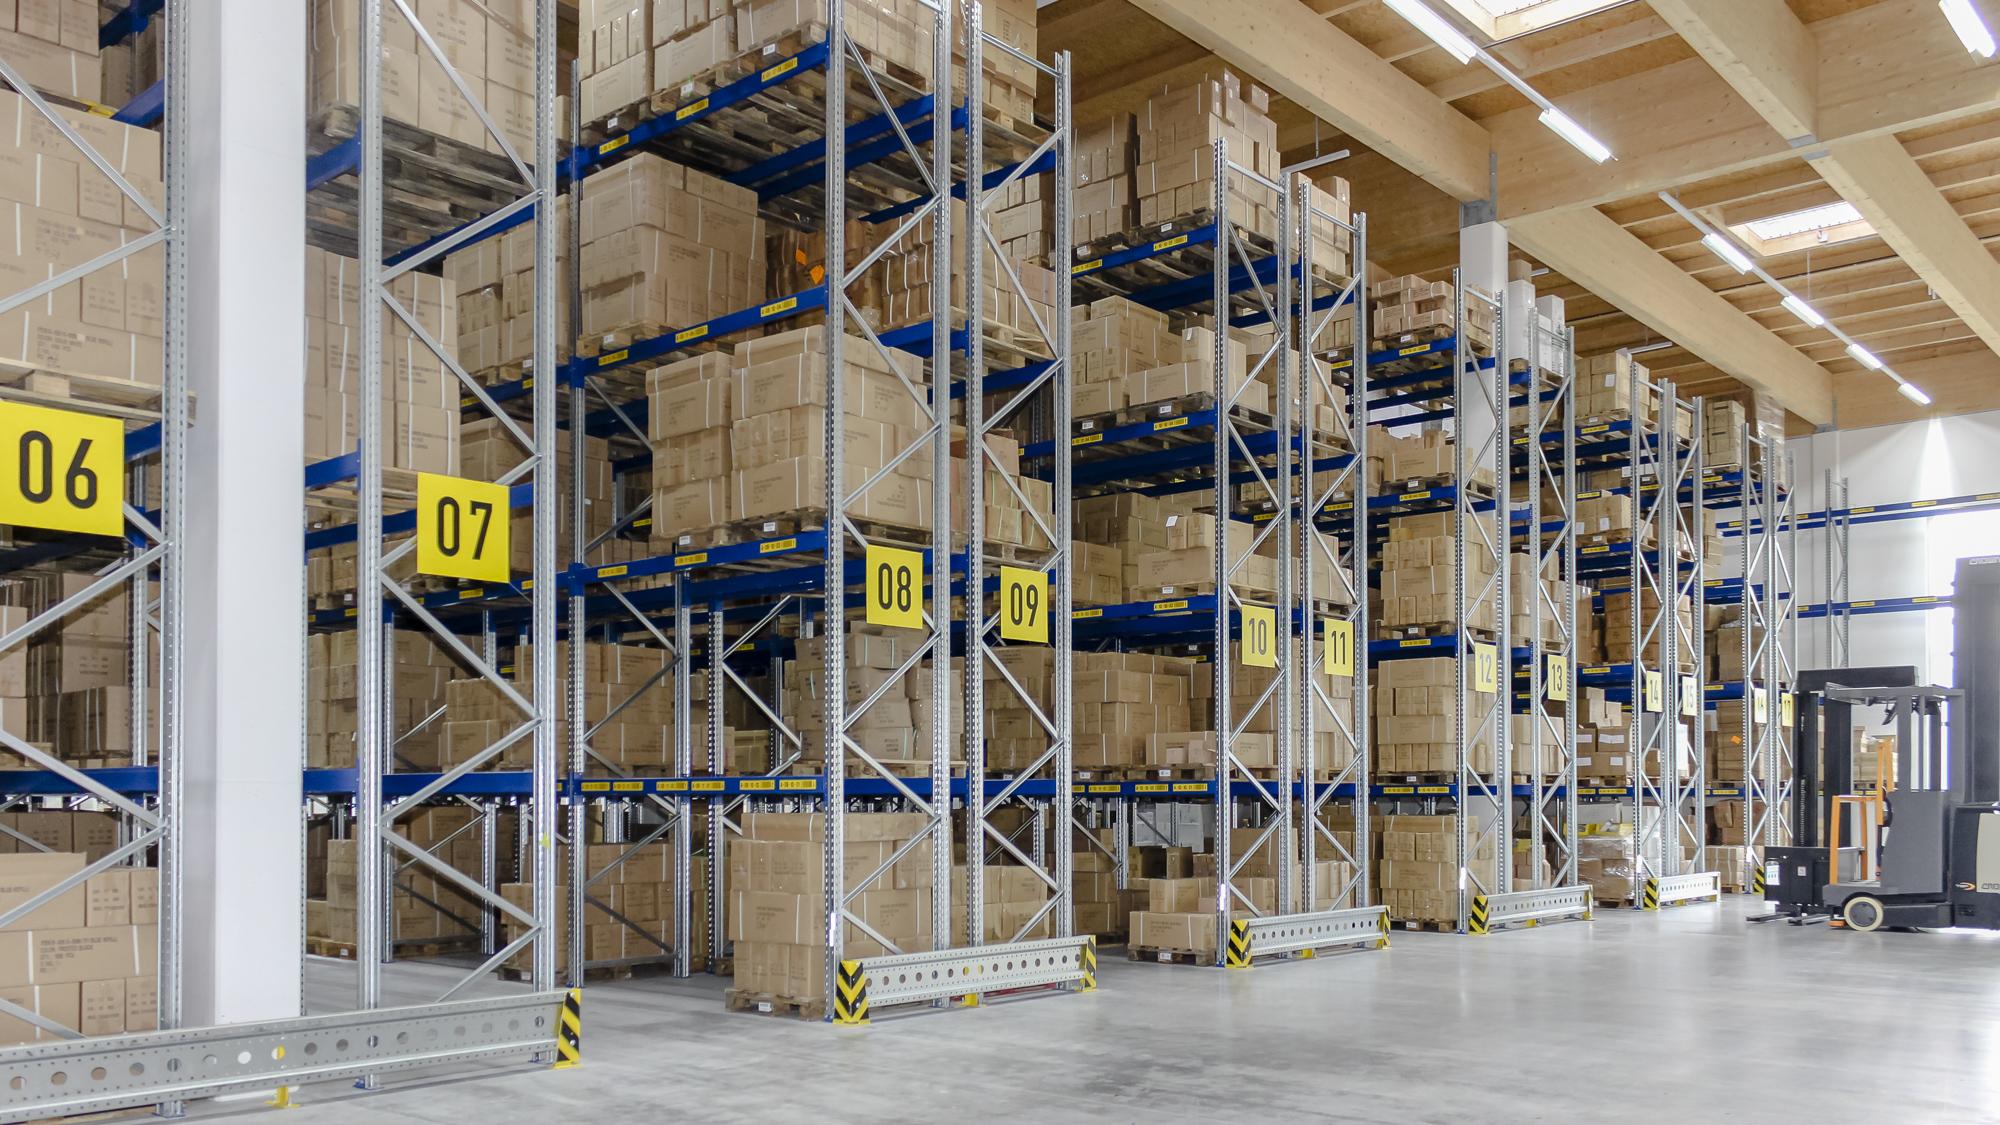 Anbindung an Hochregallager-Logistik stellt für HaRo kein Problem dar.